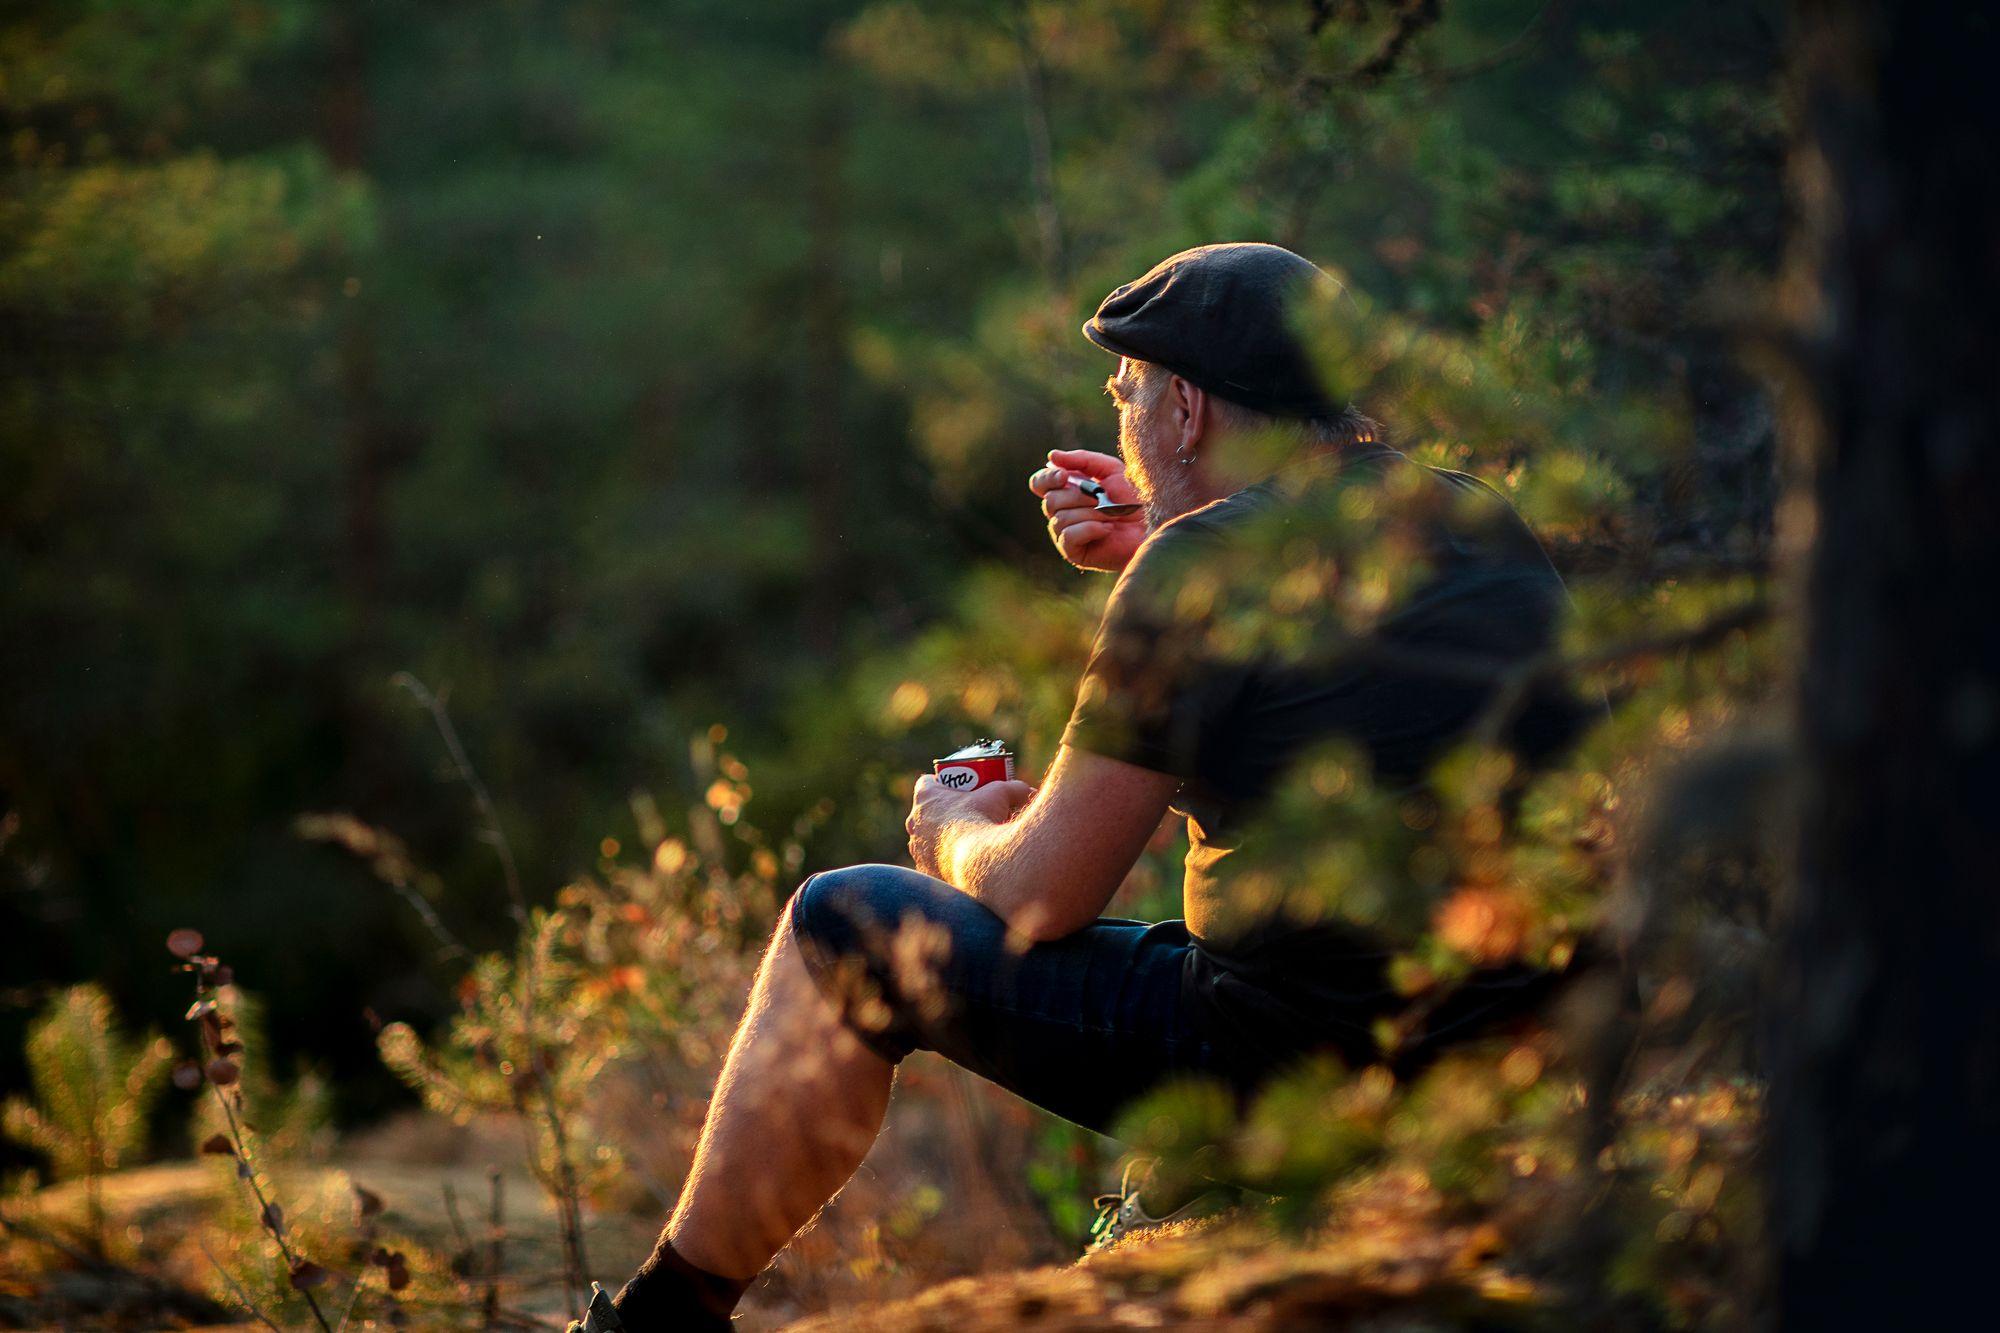 Retkieväänä kelpasivat suoraan tölkistä syödyt pavut. Metsässä eväät maistuvat aina hitusen paremmalta. © Sampo Korhonen